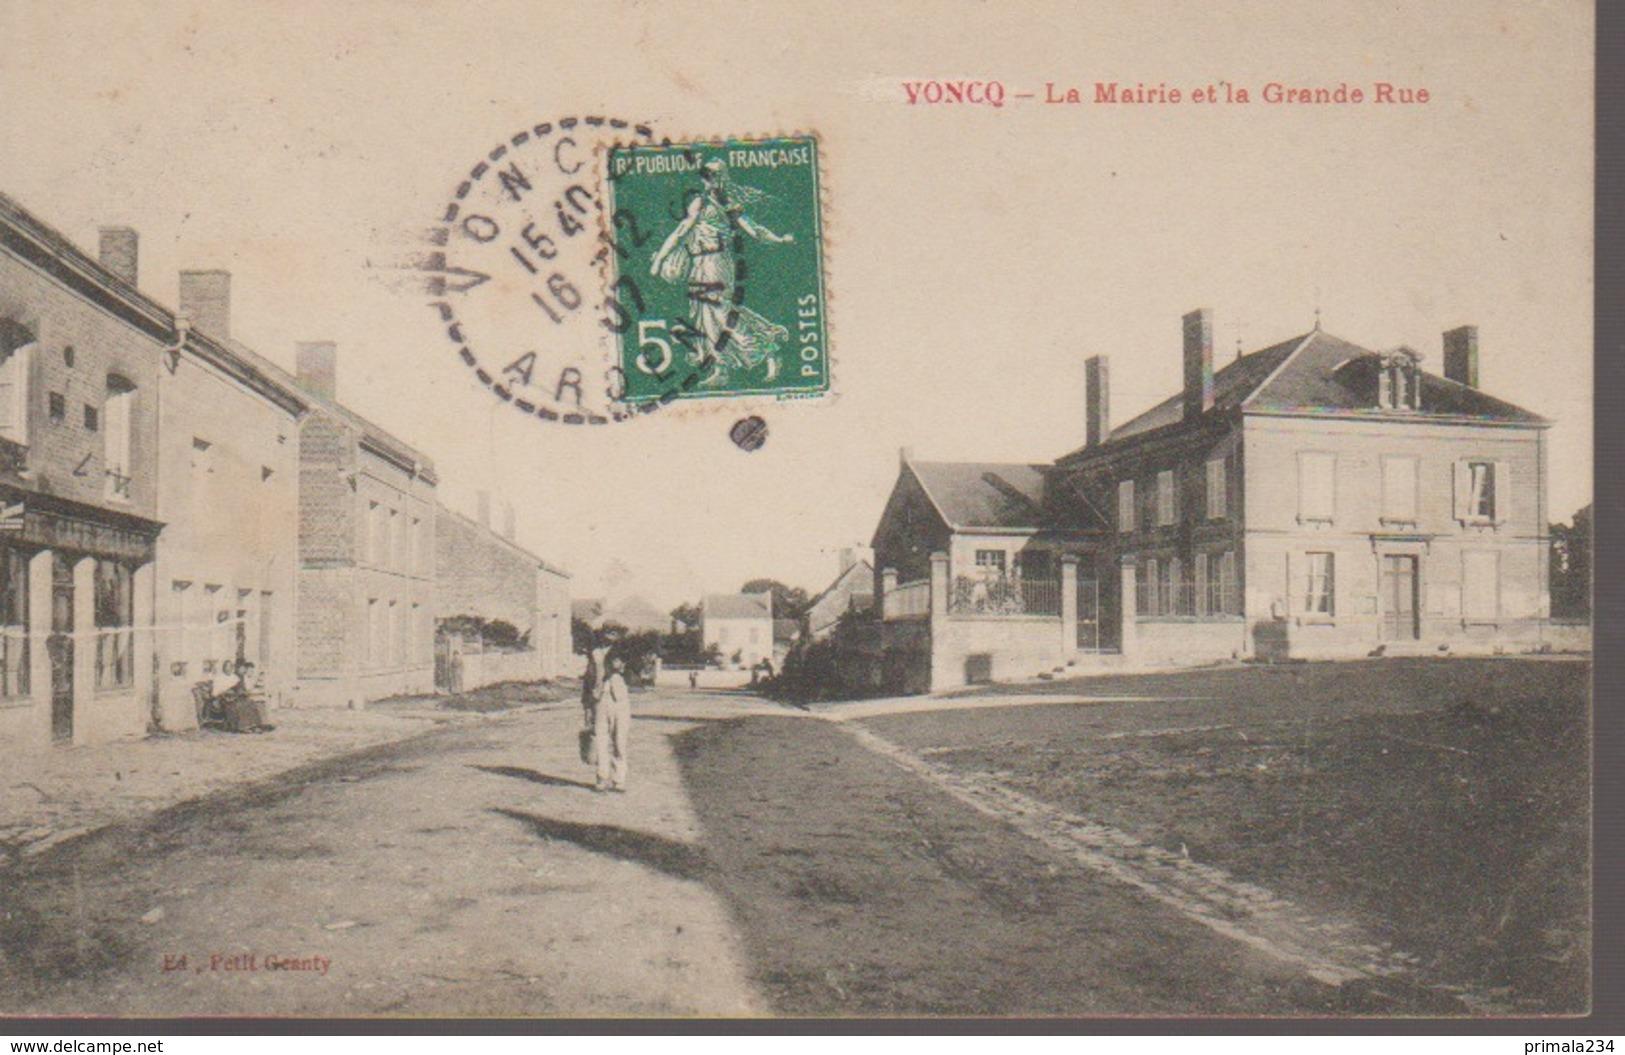 VONCQ - LA MAIRIE ET LA GRANDE RUE - France